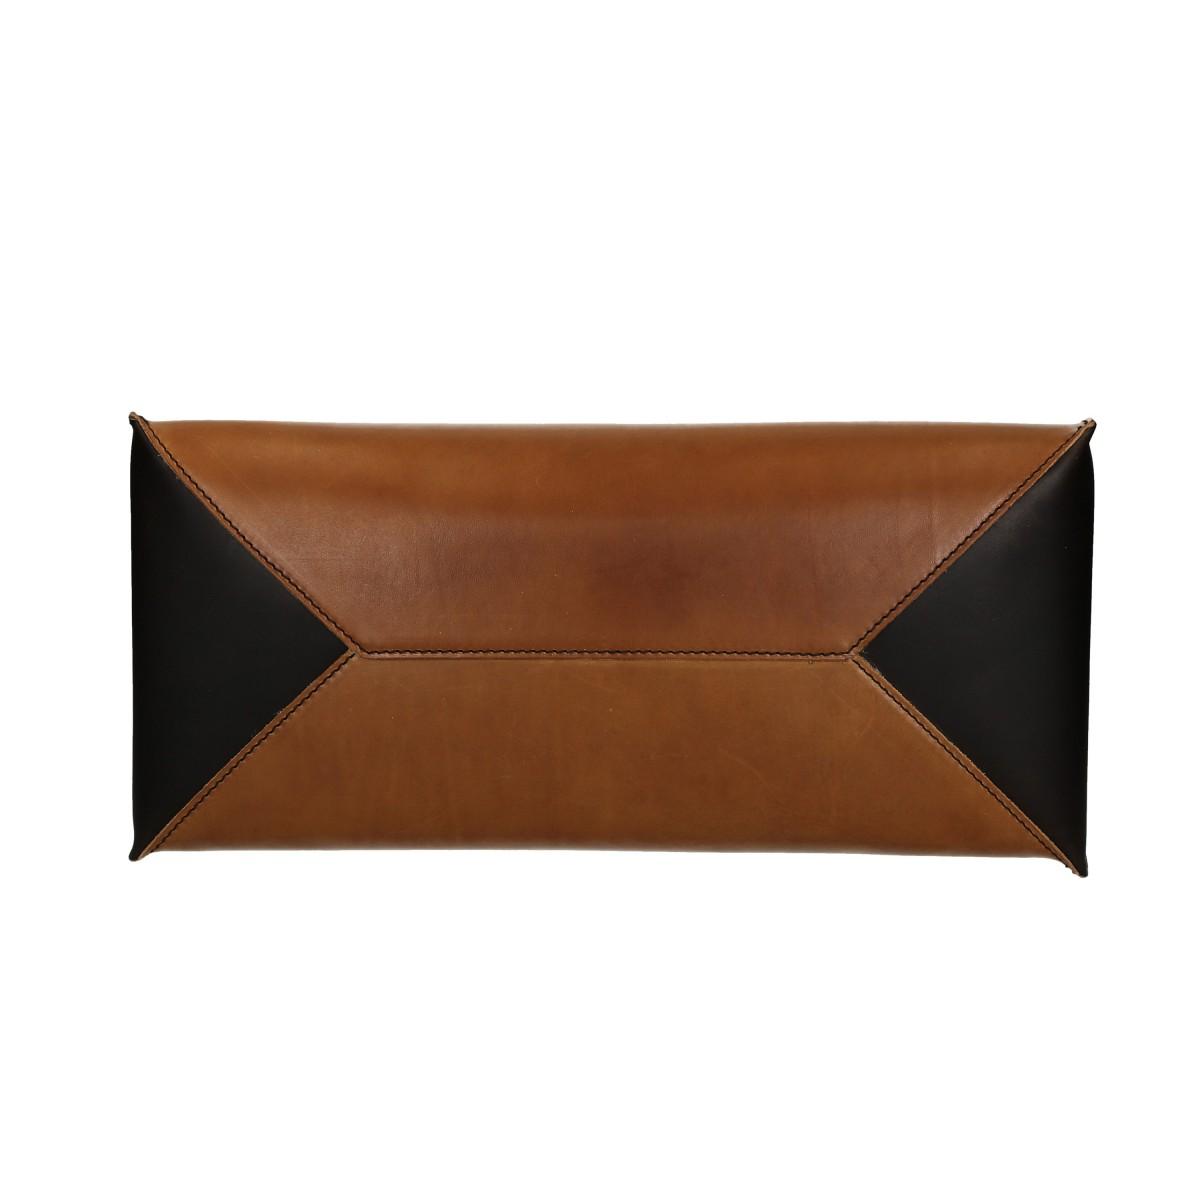 handtaschen damen leder zweifarbig handgemacht gianluca das leder handwerker. Black Bedroom Furniture Sets. Home Design Ideas